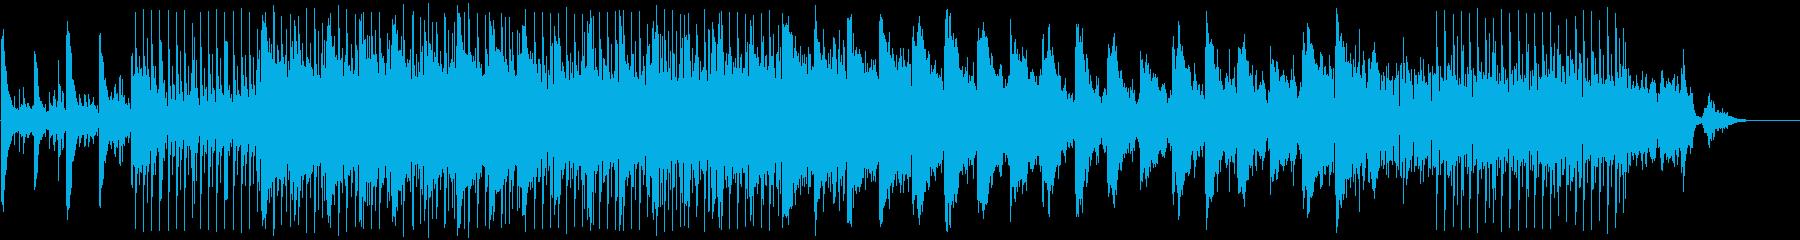 神秘 不思議 科学 まどろみ 南極 幻想の再生済みの波形